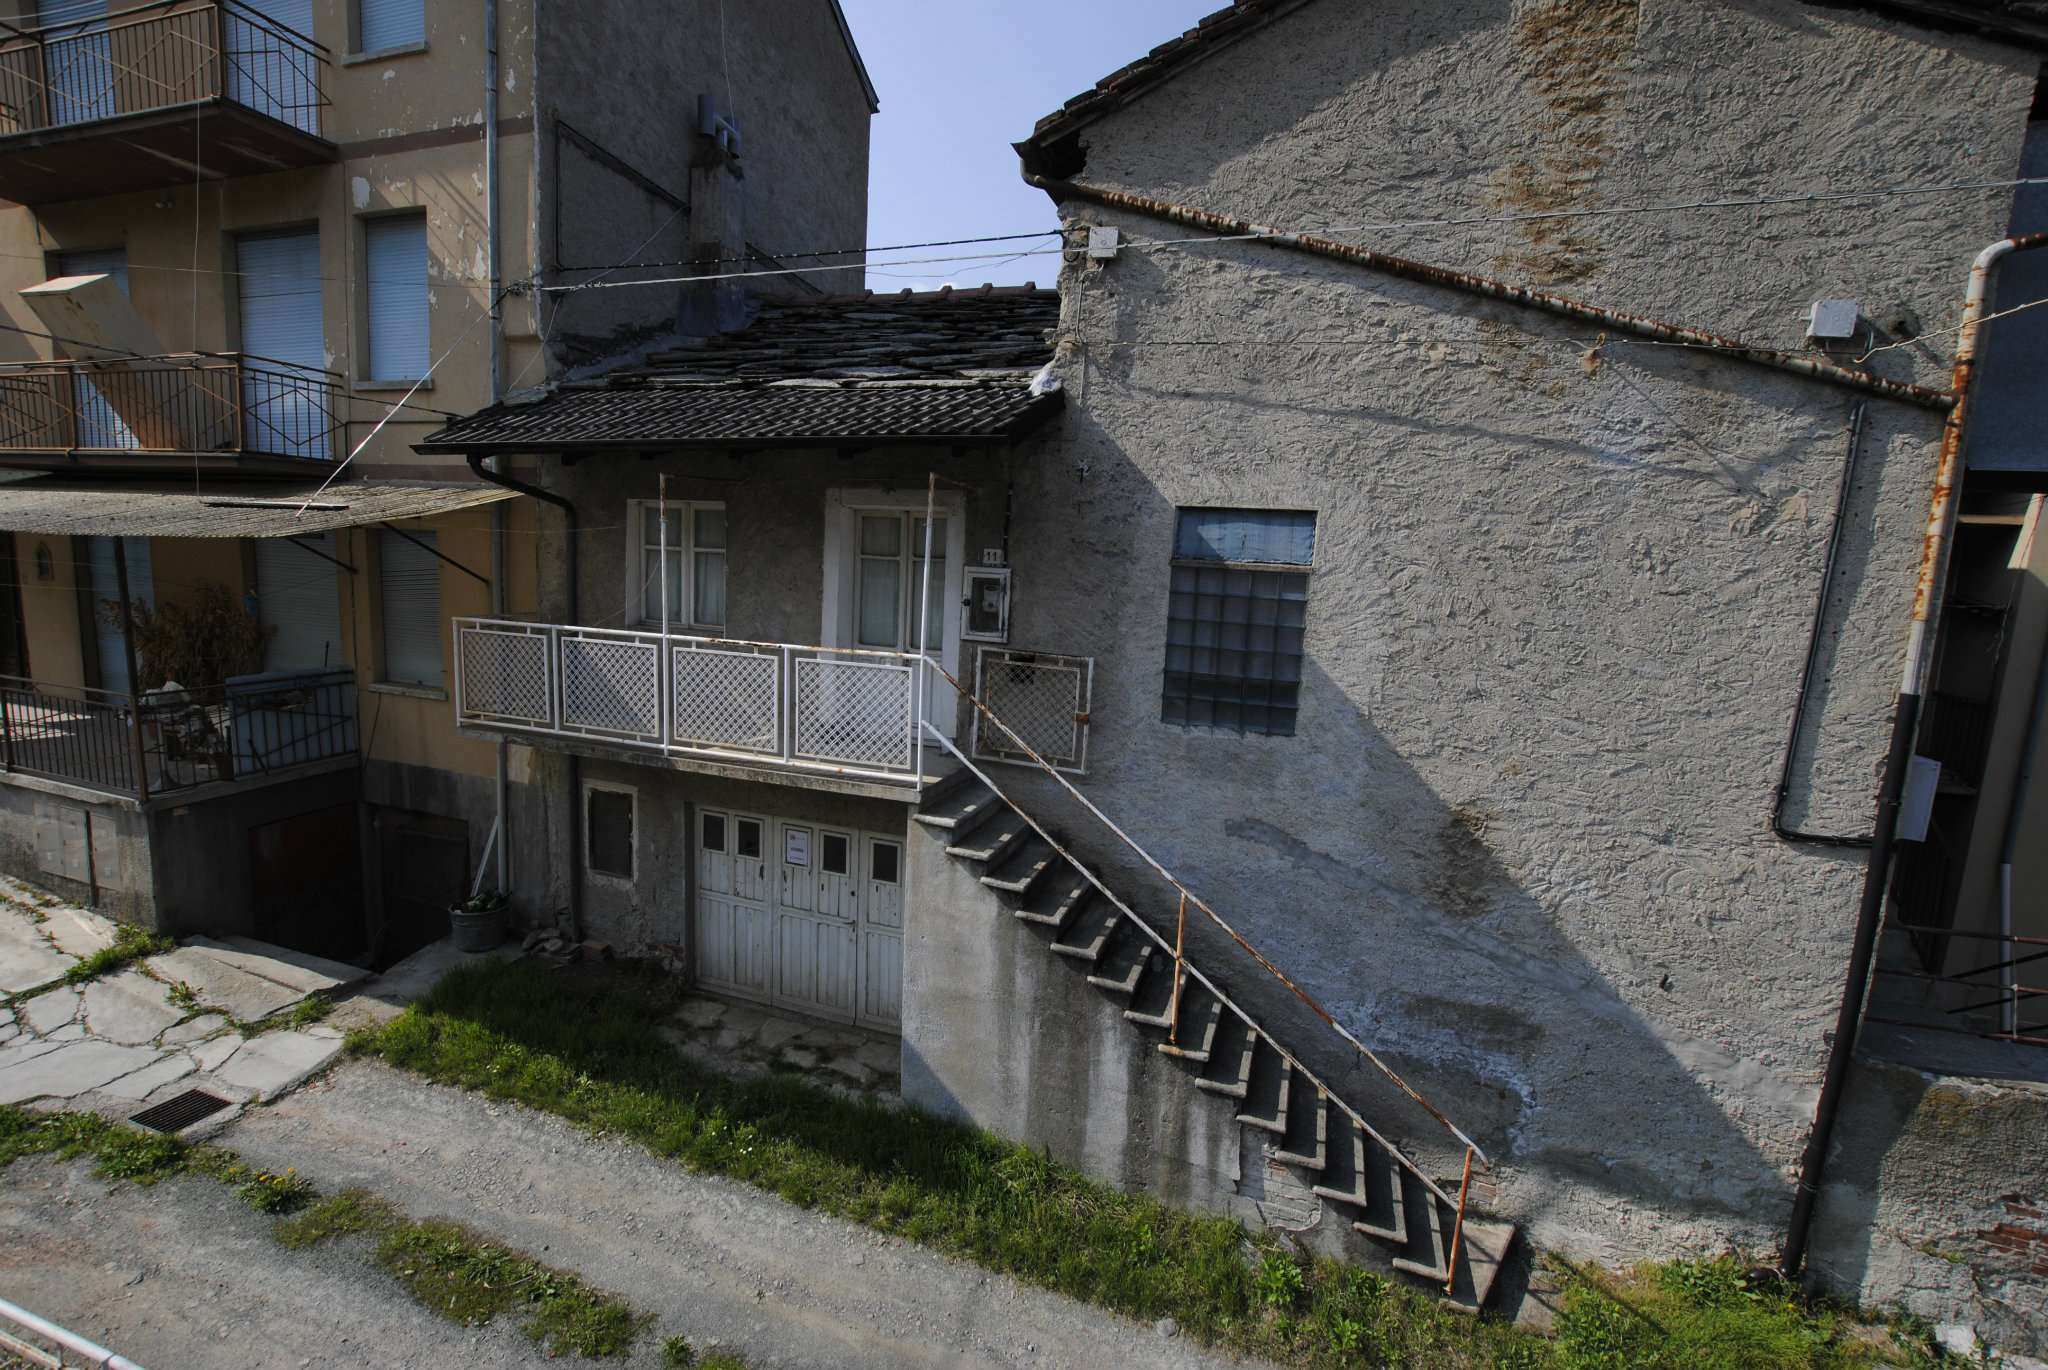 Rustico / Casale in vendita a Villar Focchiardo, 1 locali, prezzo € 15.000 | CambioCasa.it